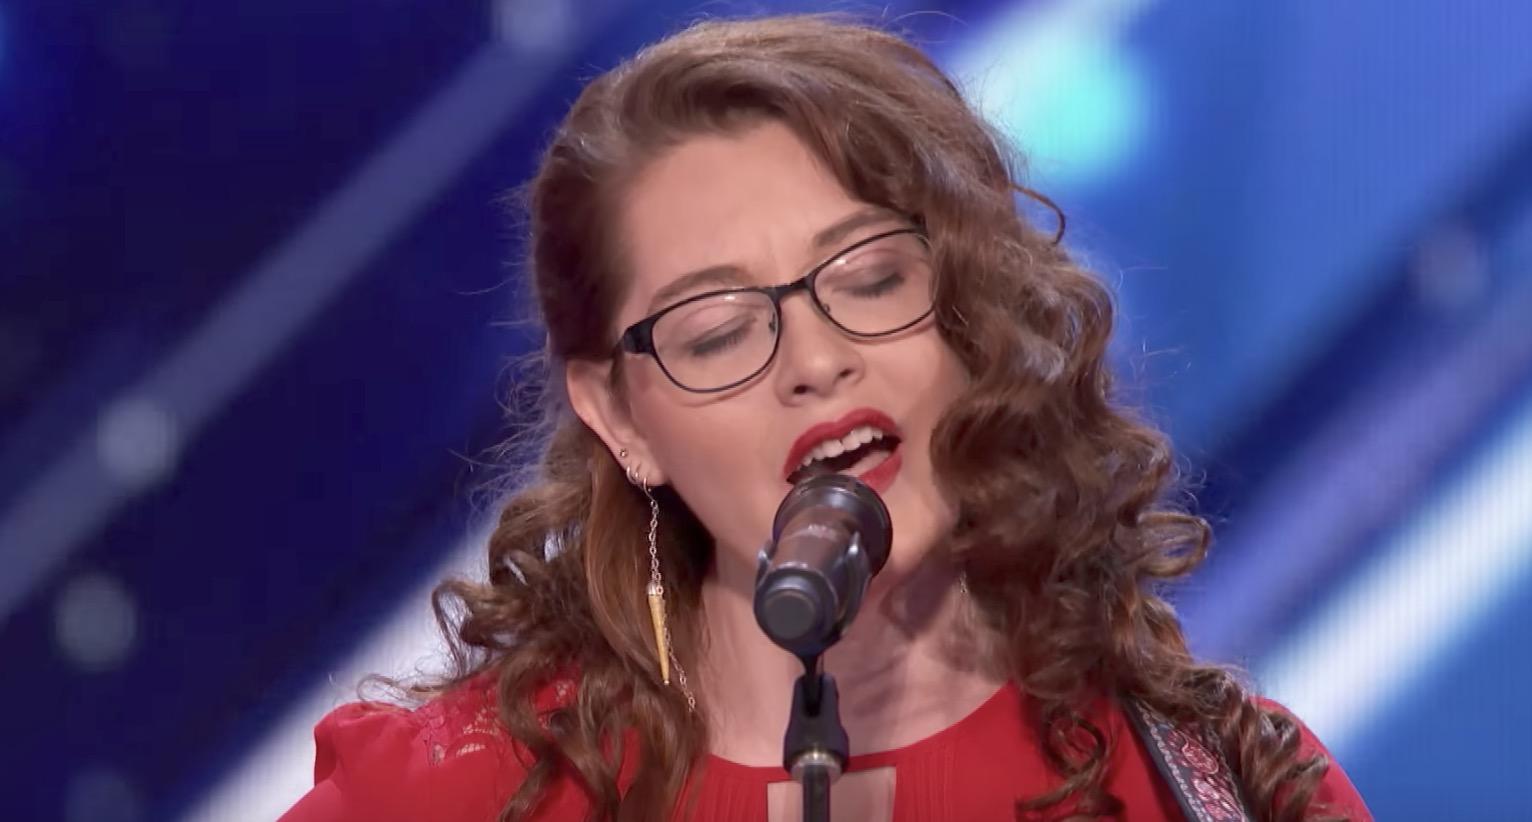 【鳥肌】耳の聴こえない女性が、経験を綴ったオリジナル曲を披露!心揺さぶられる歌声に観客も涙のスタンディングオベーション!